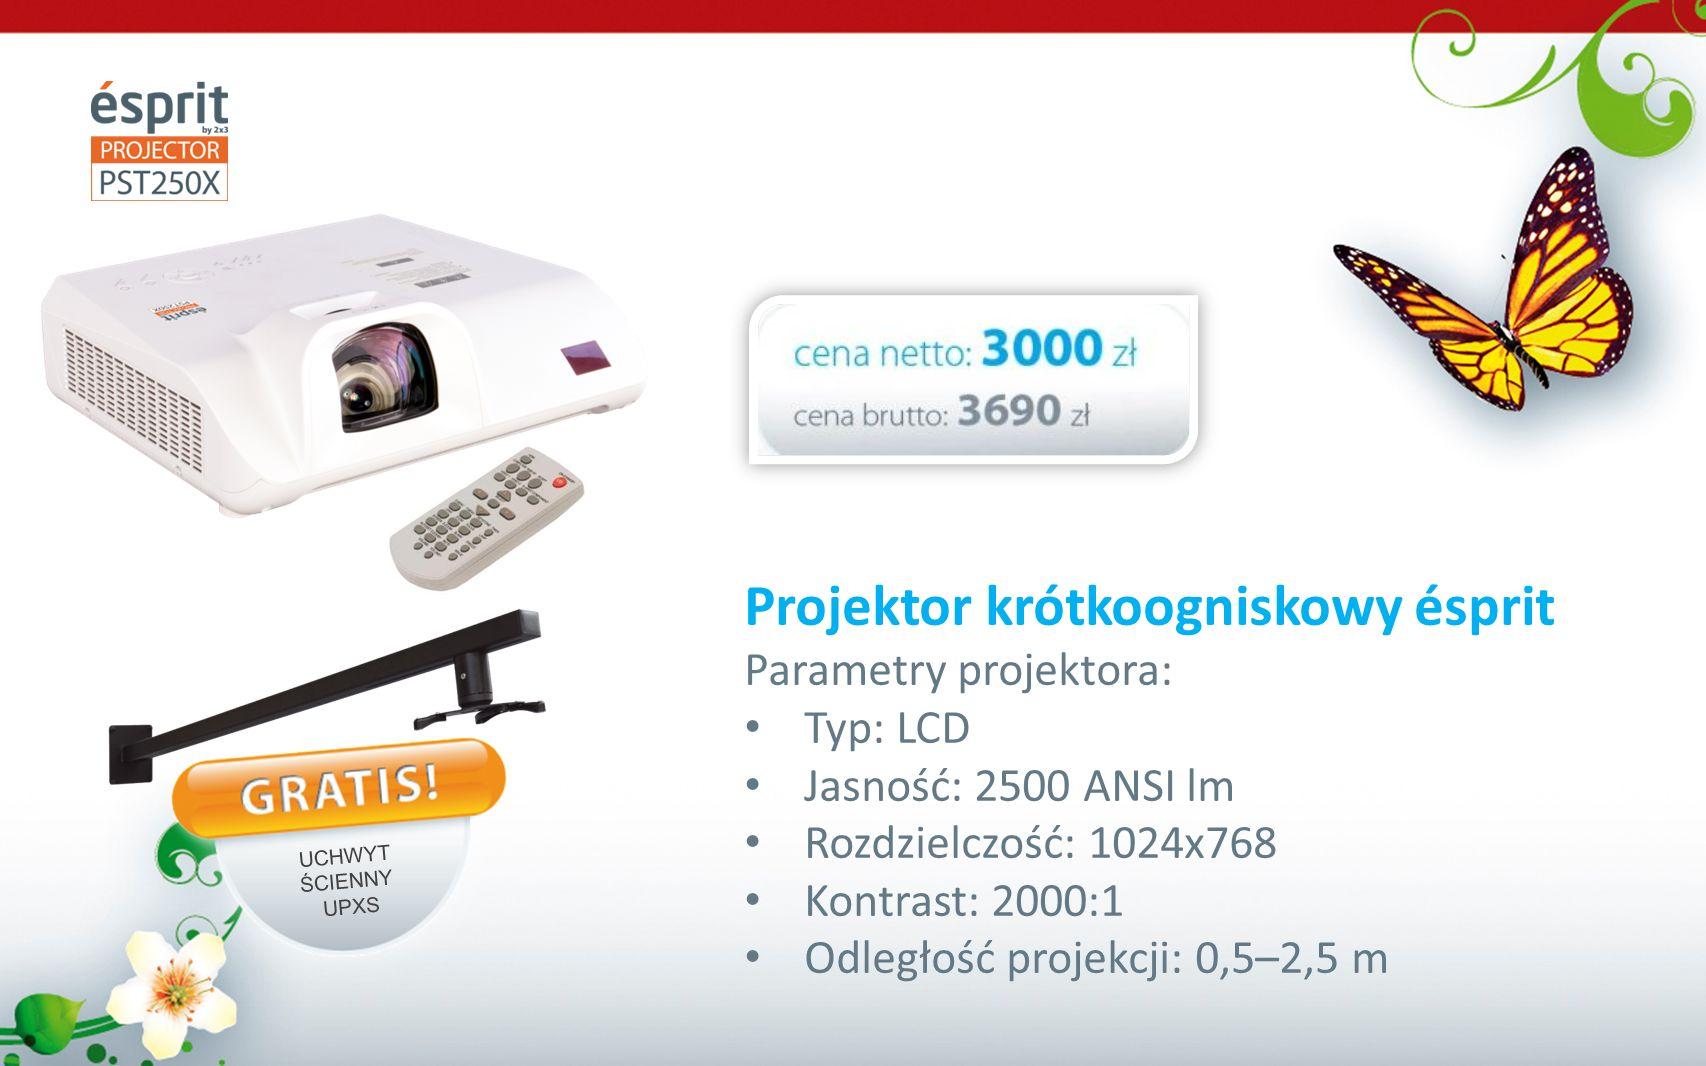 Projektor krótkoogniskowy ésprit Parametry projektora: Typ: LCD Jasność: 2500 ANSI lm Rozdzielczość: 1024x768 Kontrast: 2000:1 Odległość projekcji: 0,